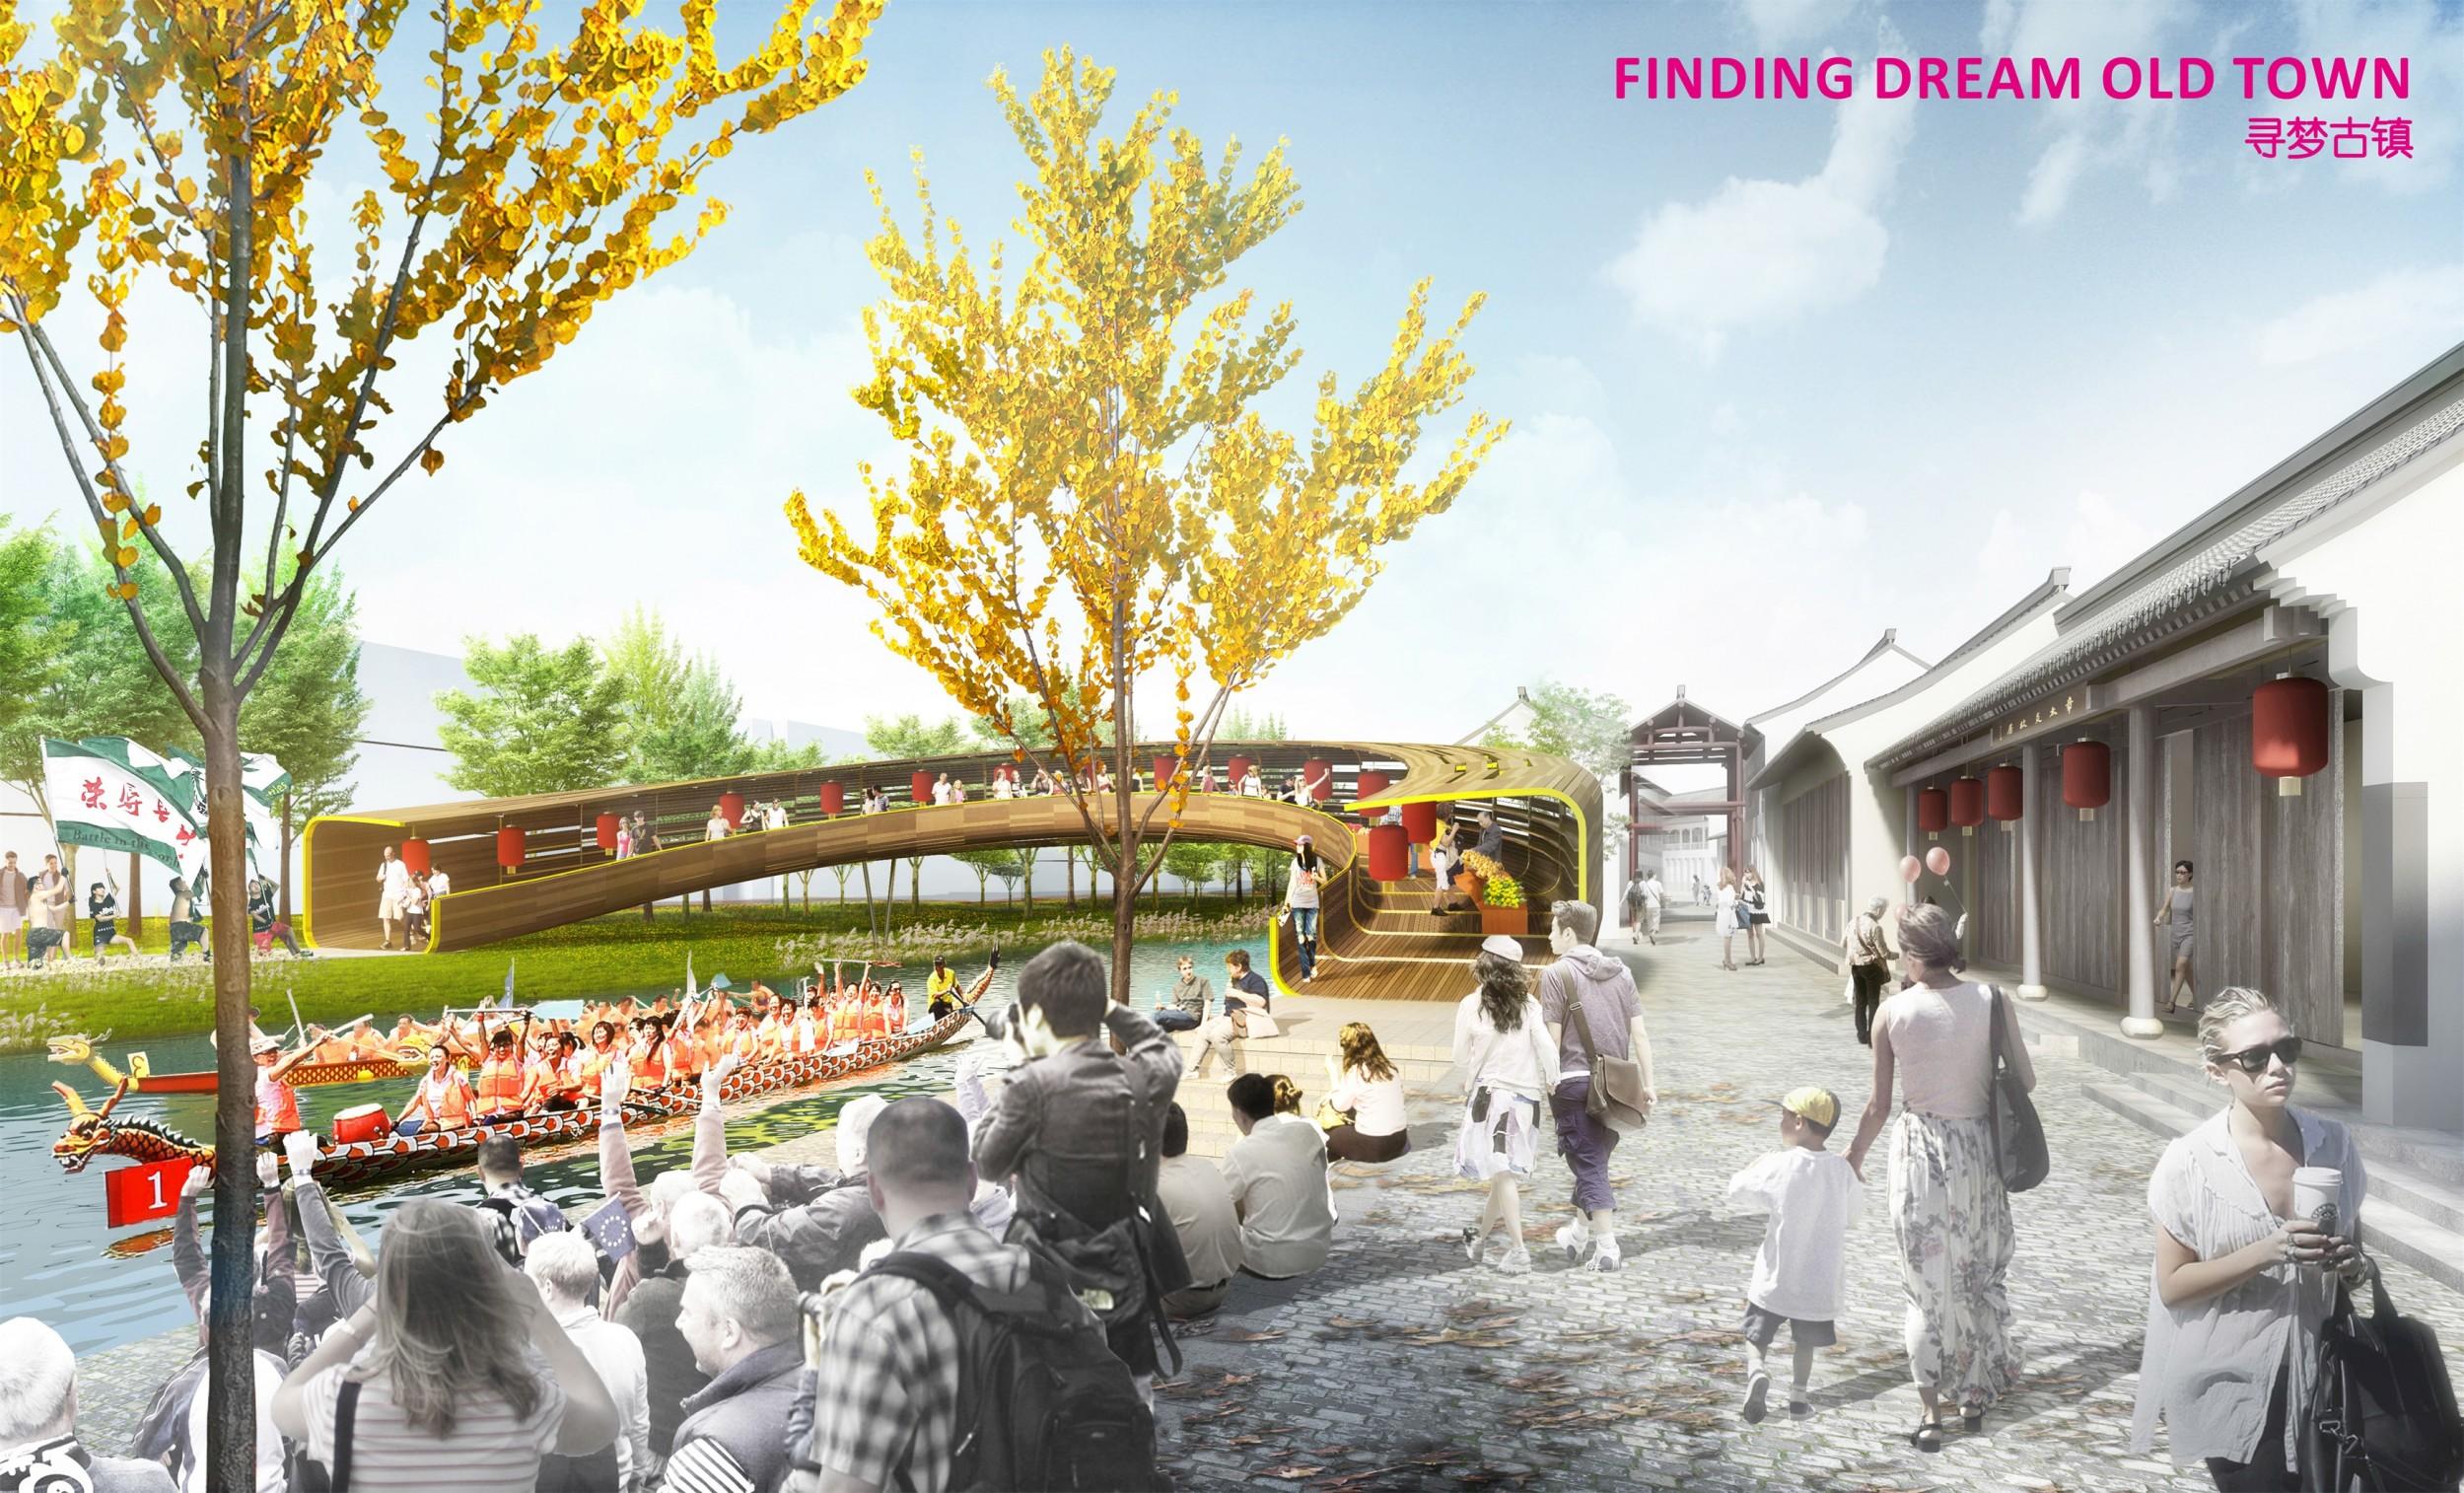 2015年杭州梦想小镇概念规划设计国际竞标中标方案—NITA-3.jpg